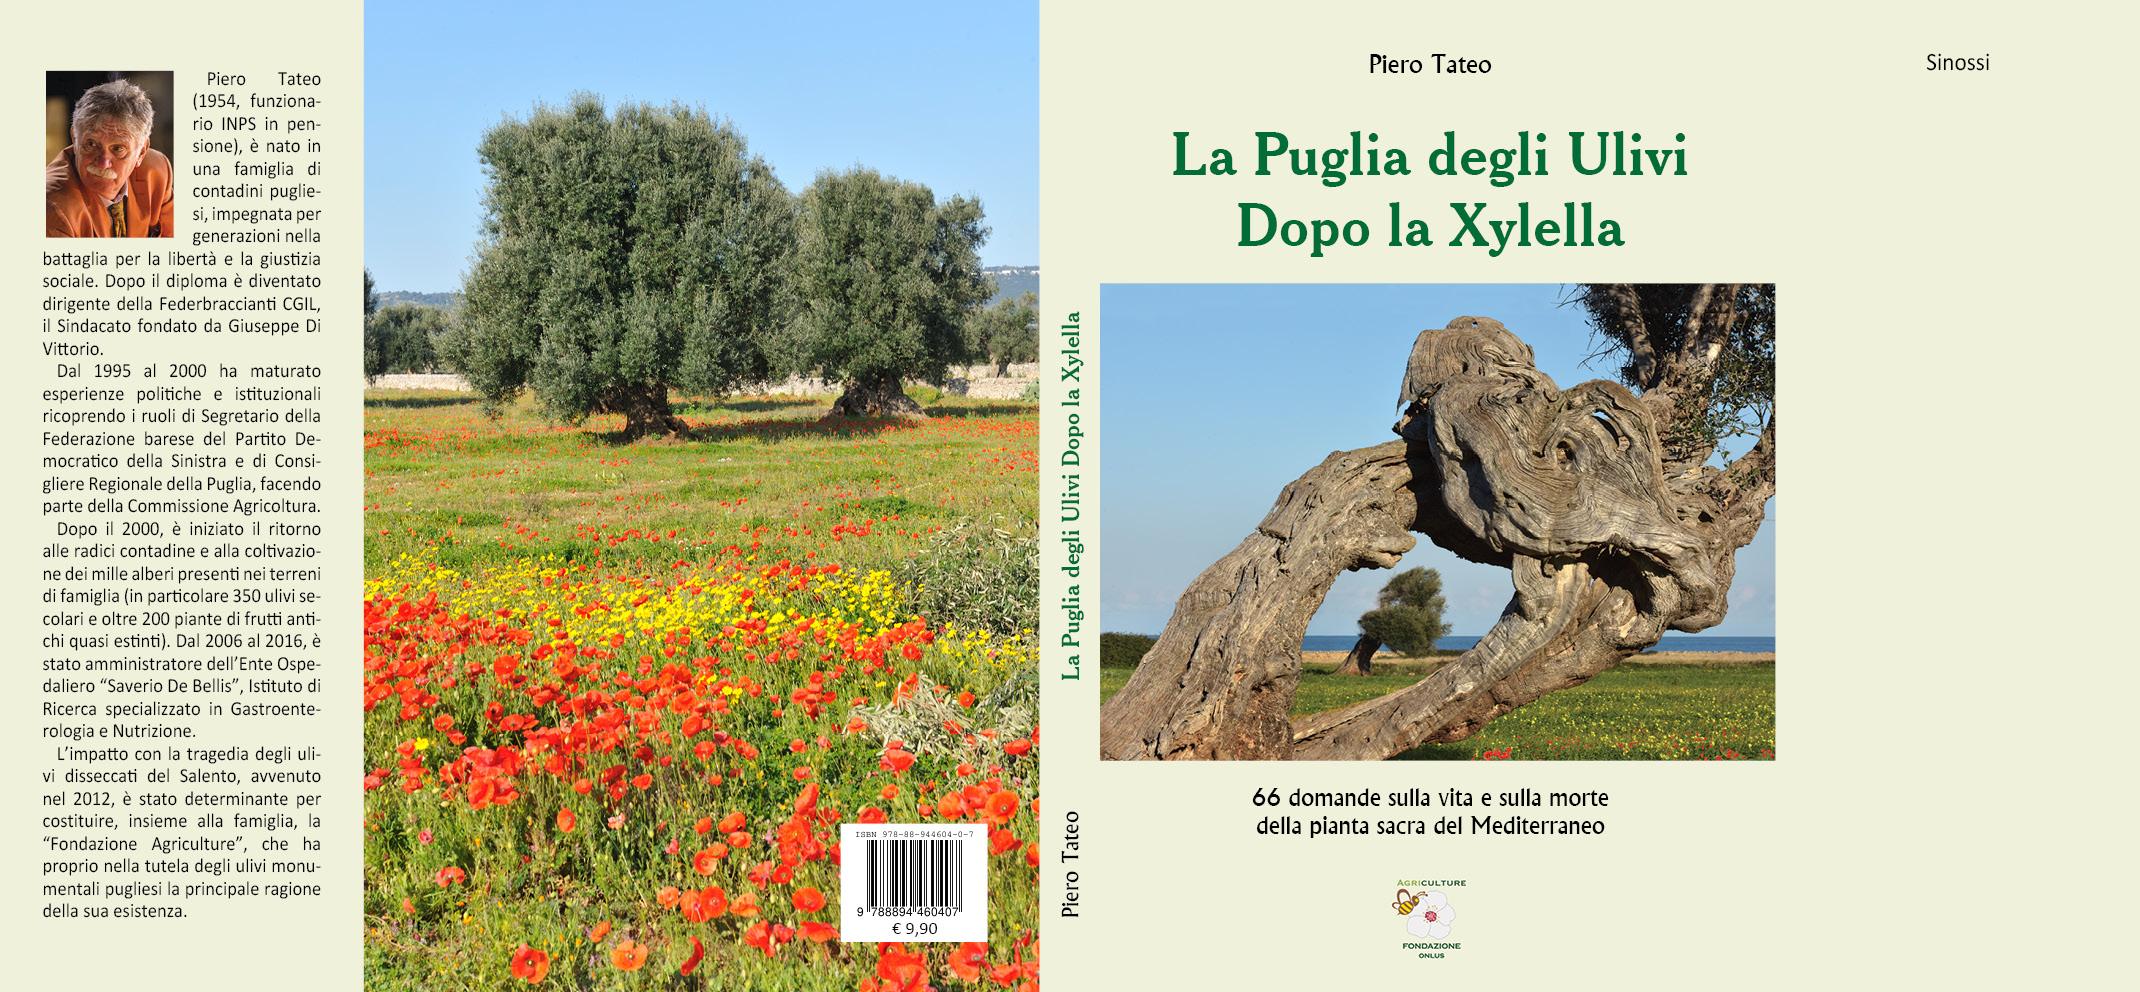 Il libro della Fondazione